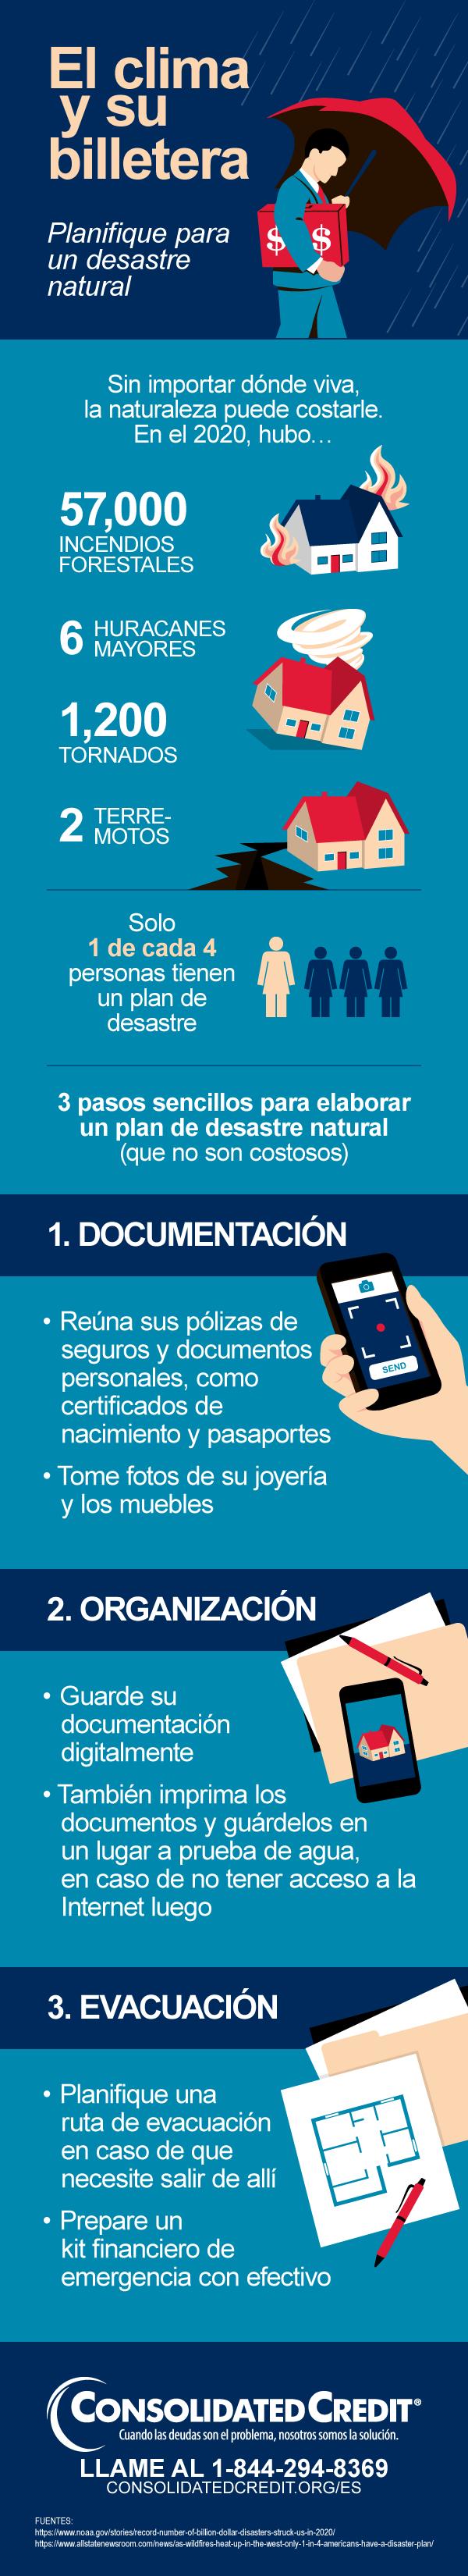 Tres pasos clave para asegurarse de que su billetera esté lista para un desastre natural: documentación, organización y evacuación.